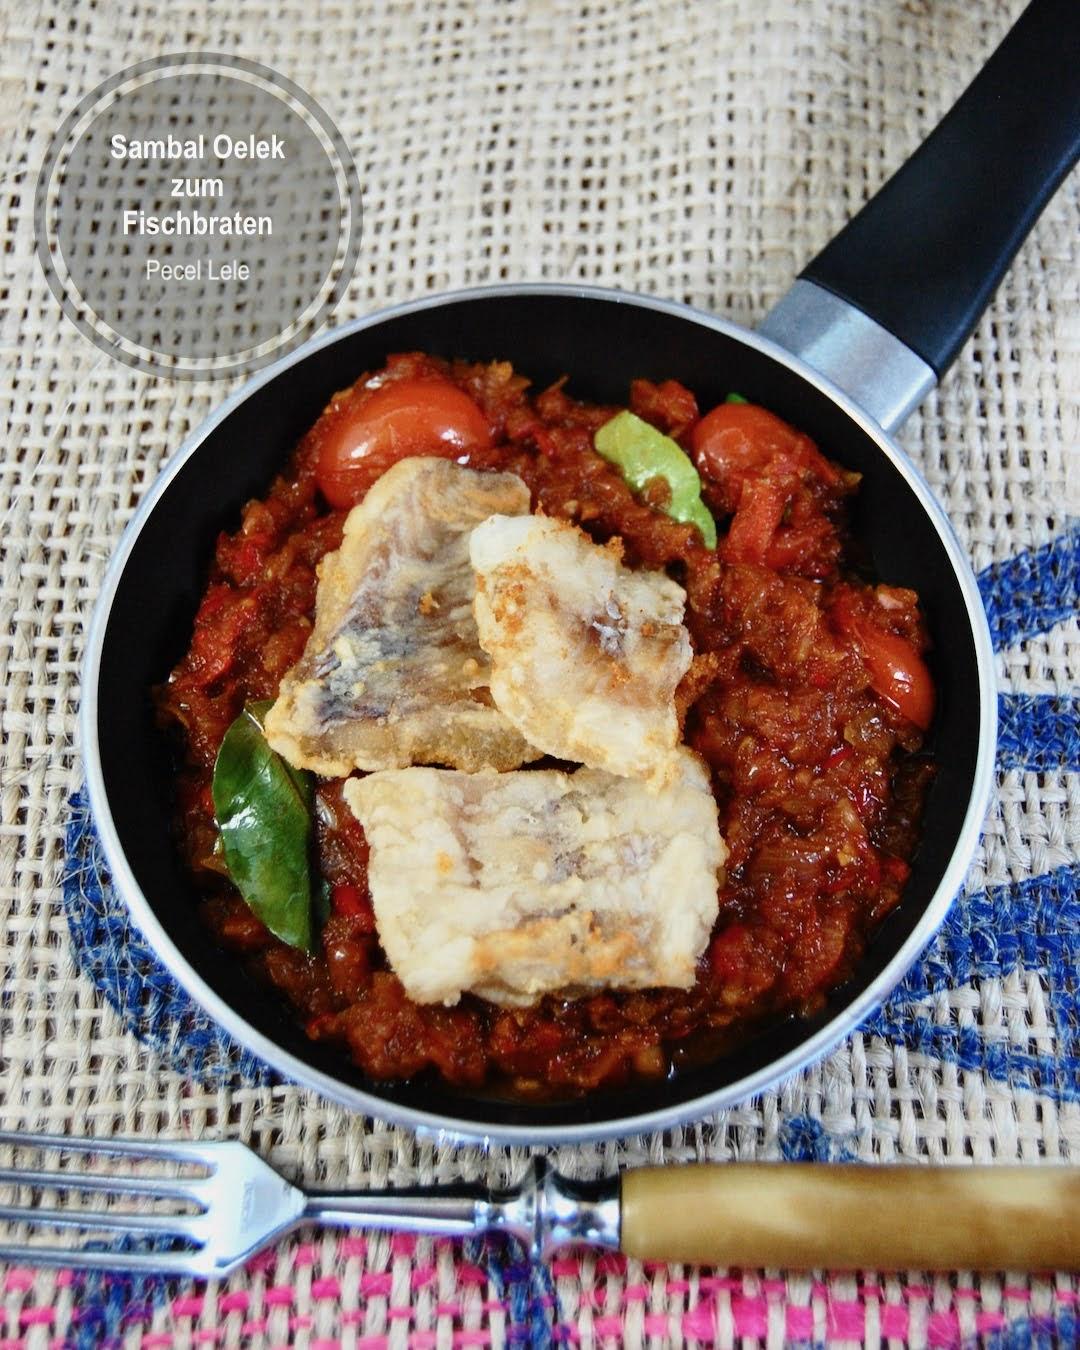 Rezept Sambal Oelek zum Fischbraten indonesisch kochen